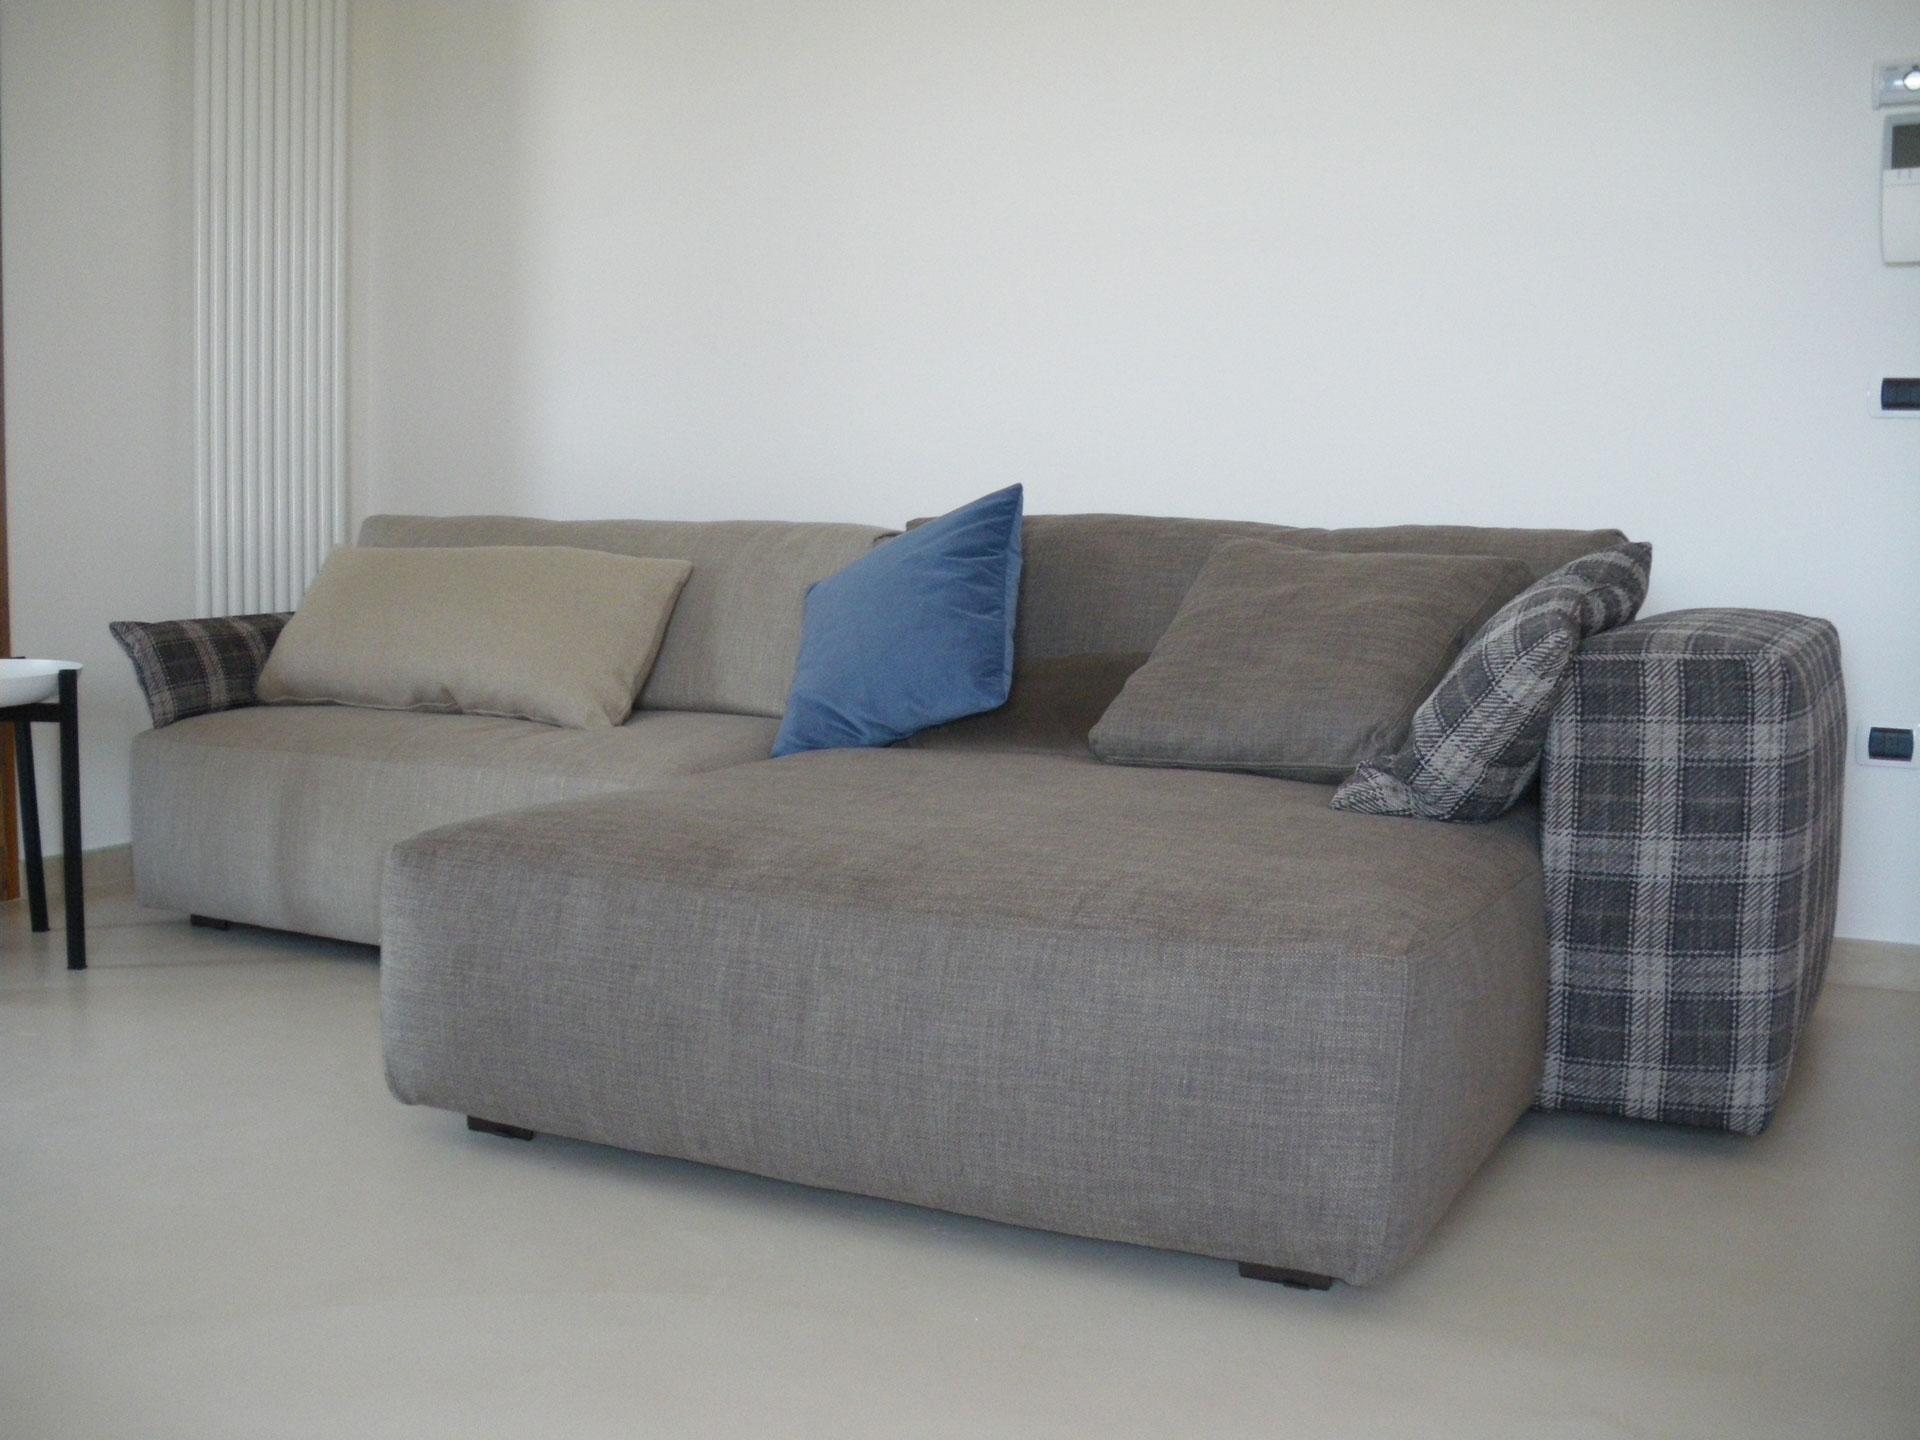 Pavimento in microcemento grigio chiaro per salotto